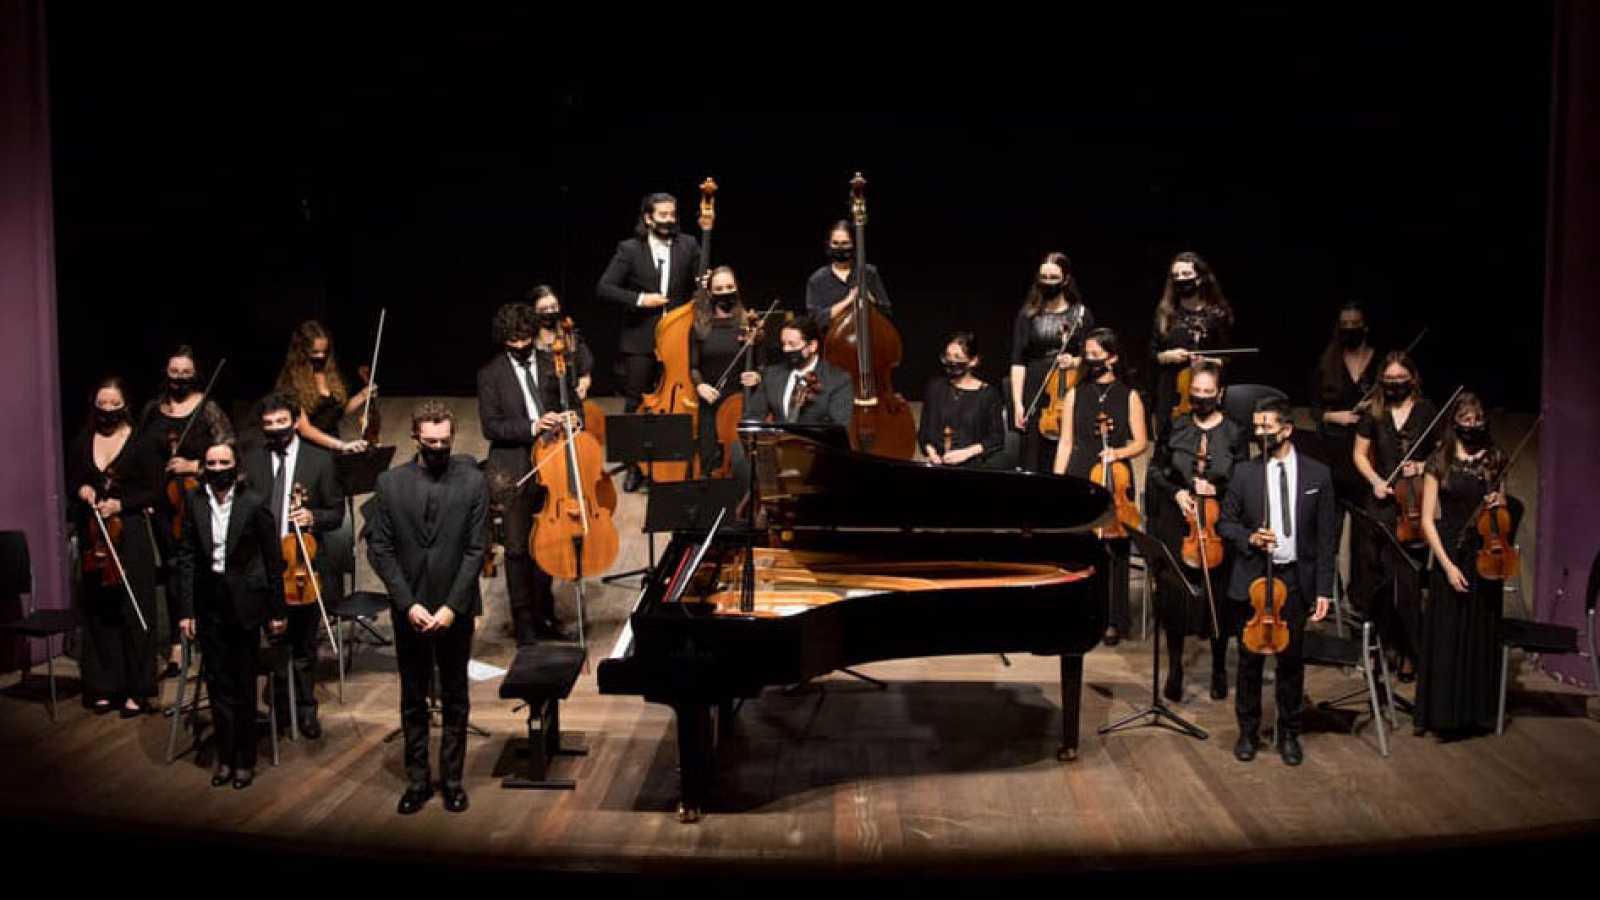 Emissão em Português - Conhecemos a Orquestra Sem Fronteiras, formada por jovens portugueses e espanhóis - 06/11/20